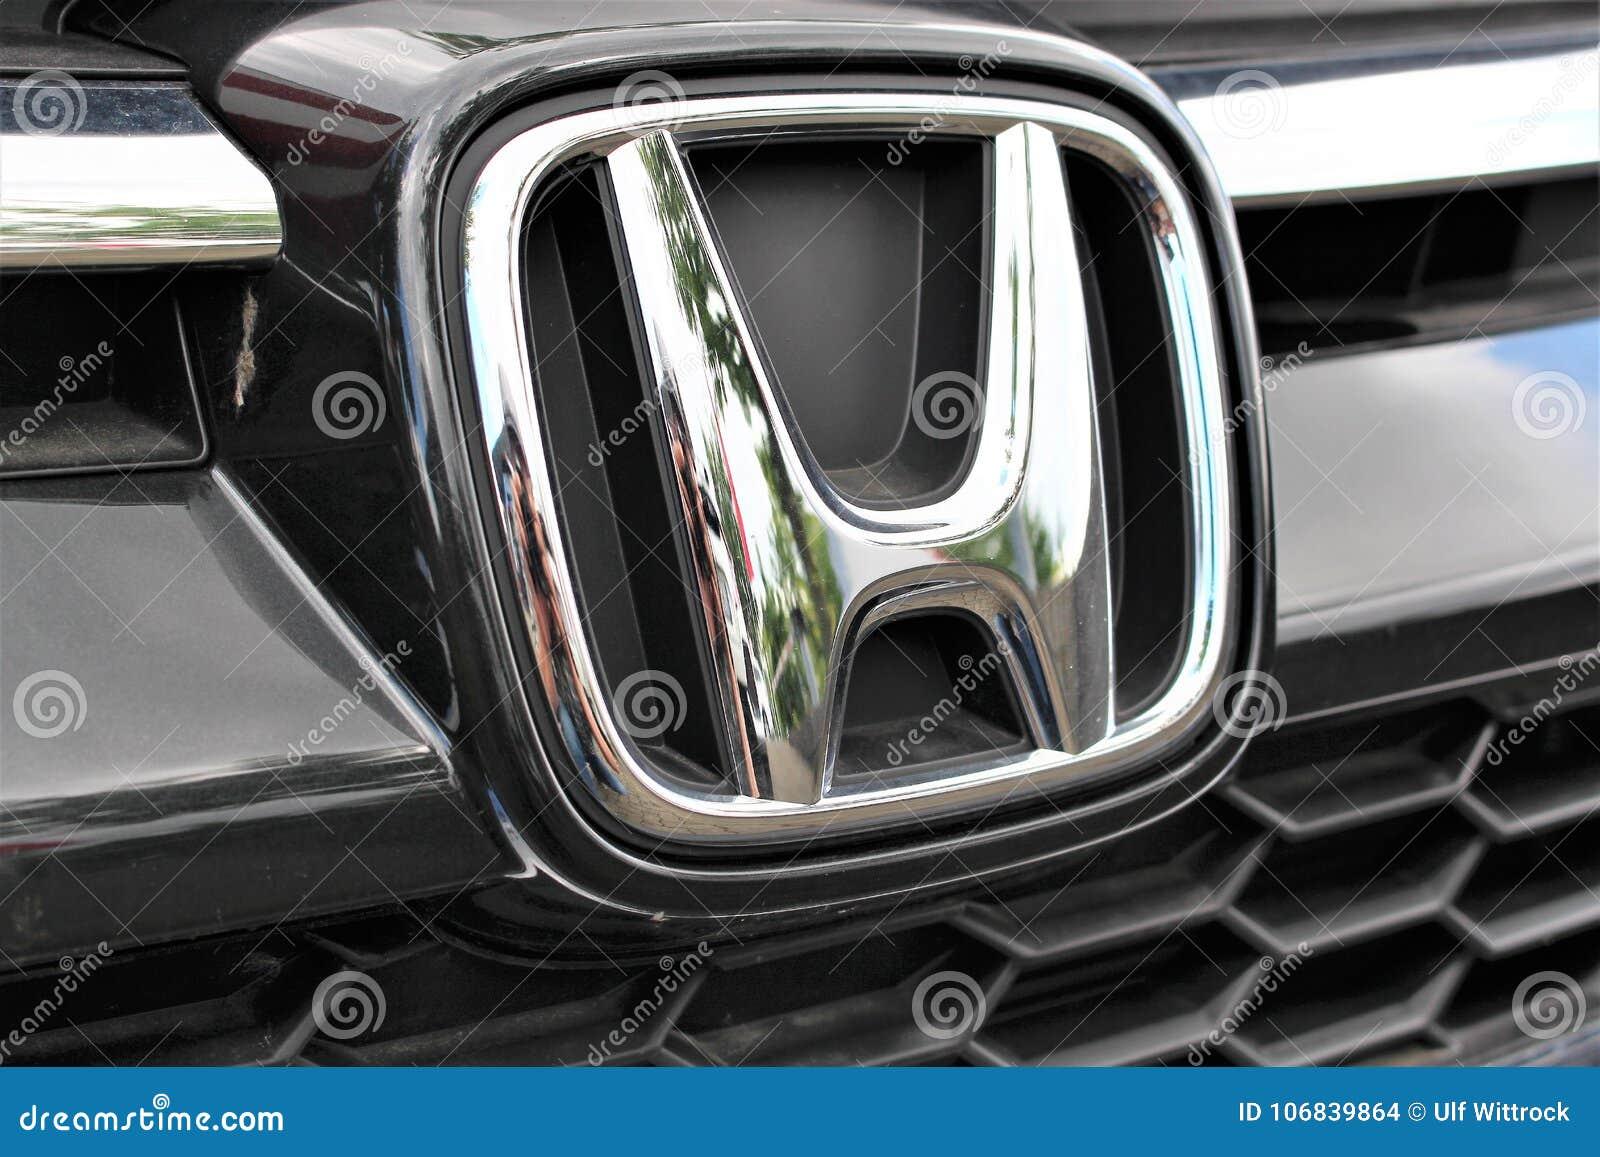 Honda Bielefeld